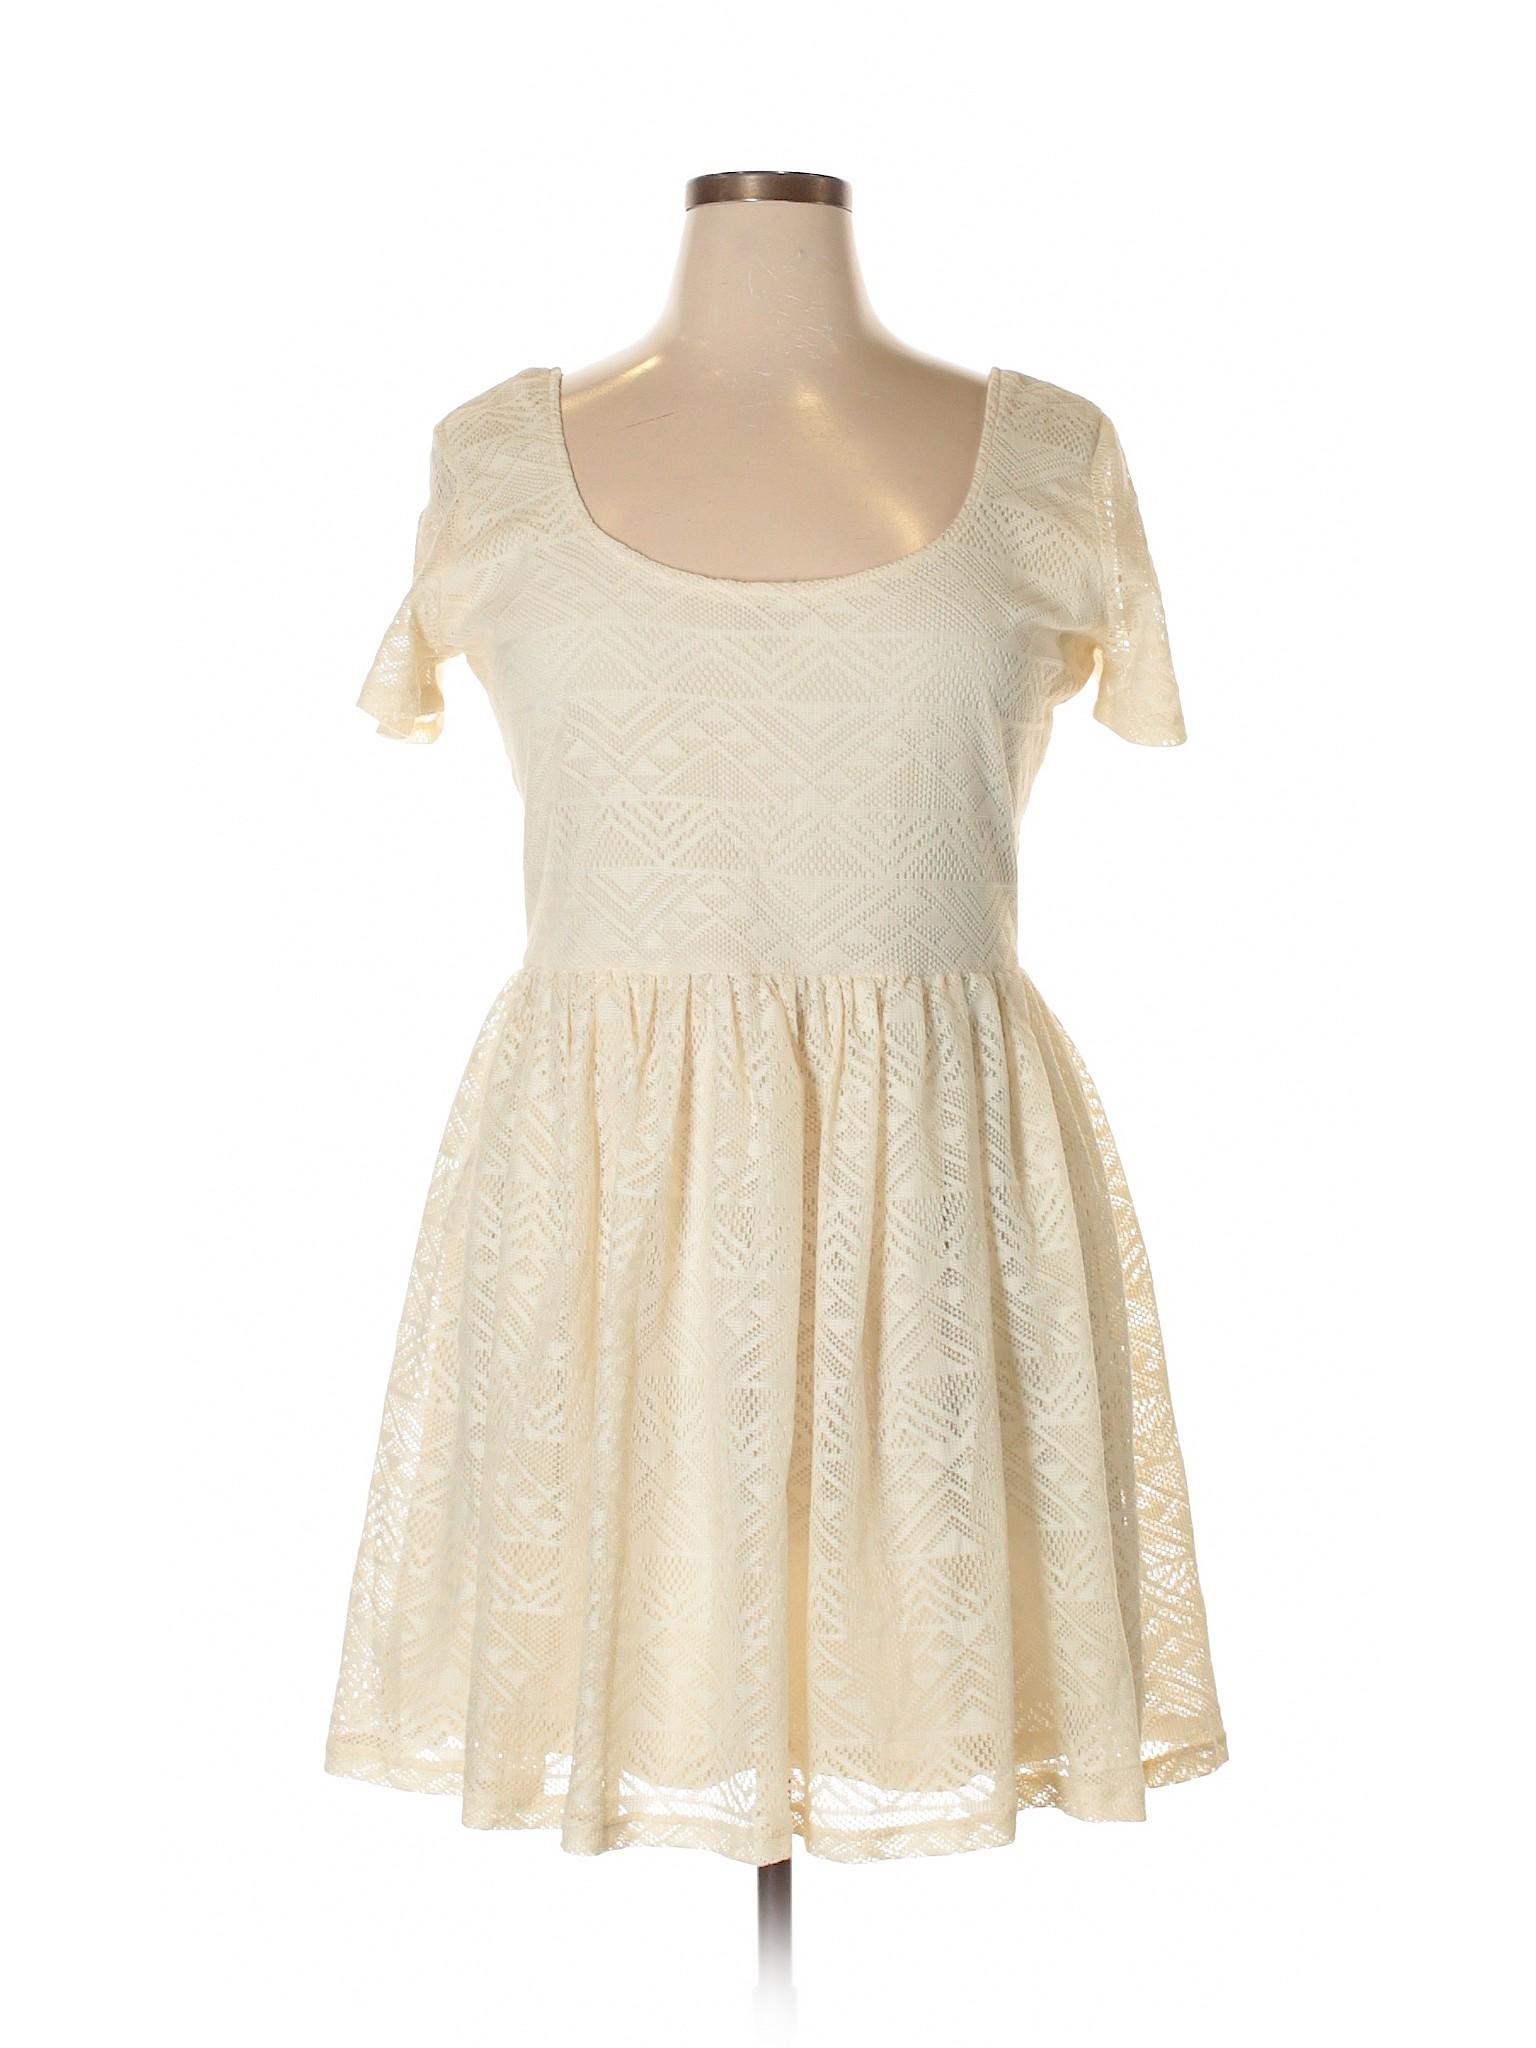 ASOS Selling Selling ASOS Selling Dress Casual ASOS Casual Casual Dress APvqPaxn